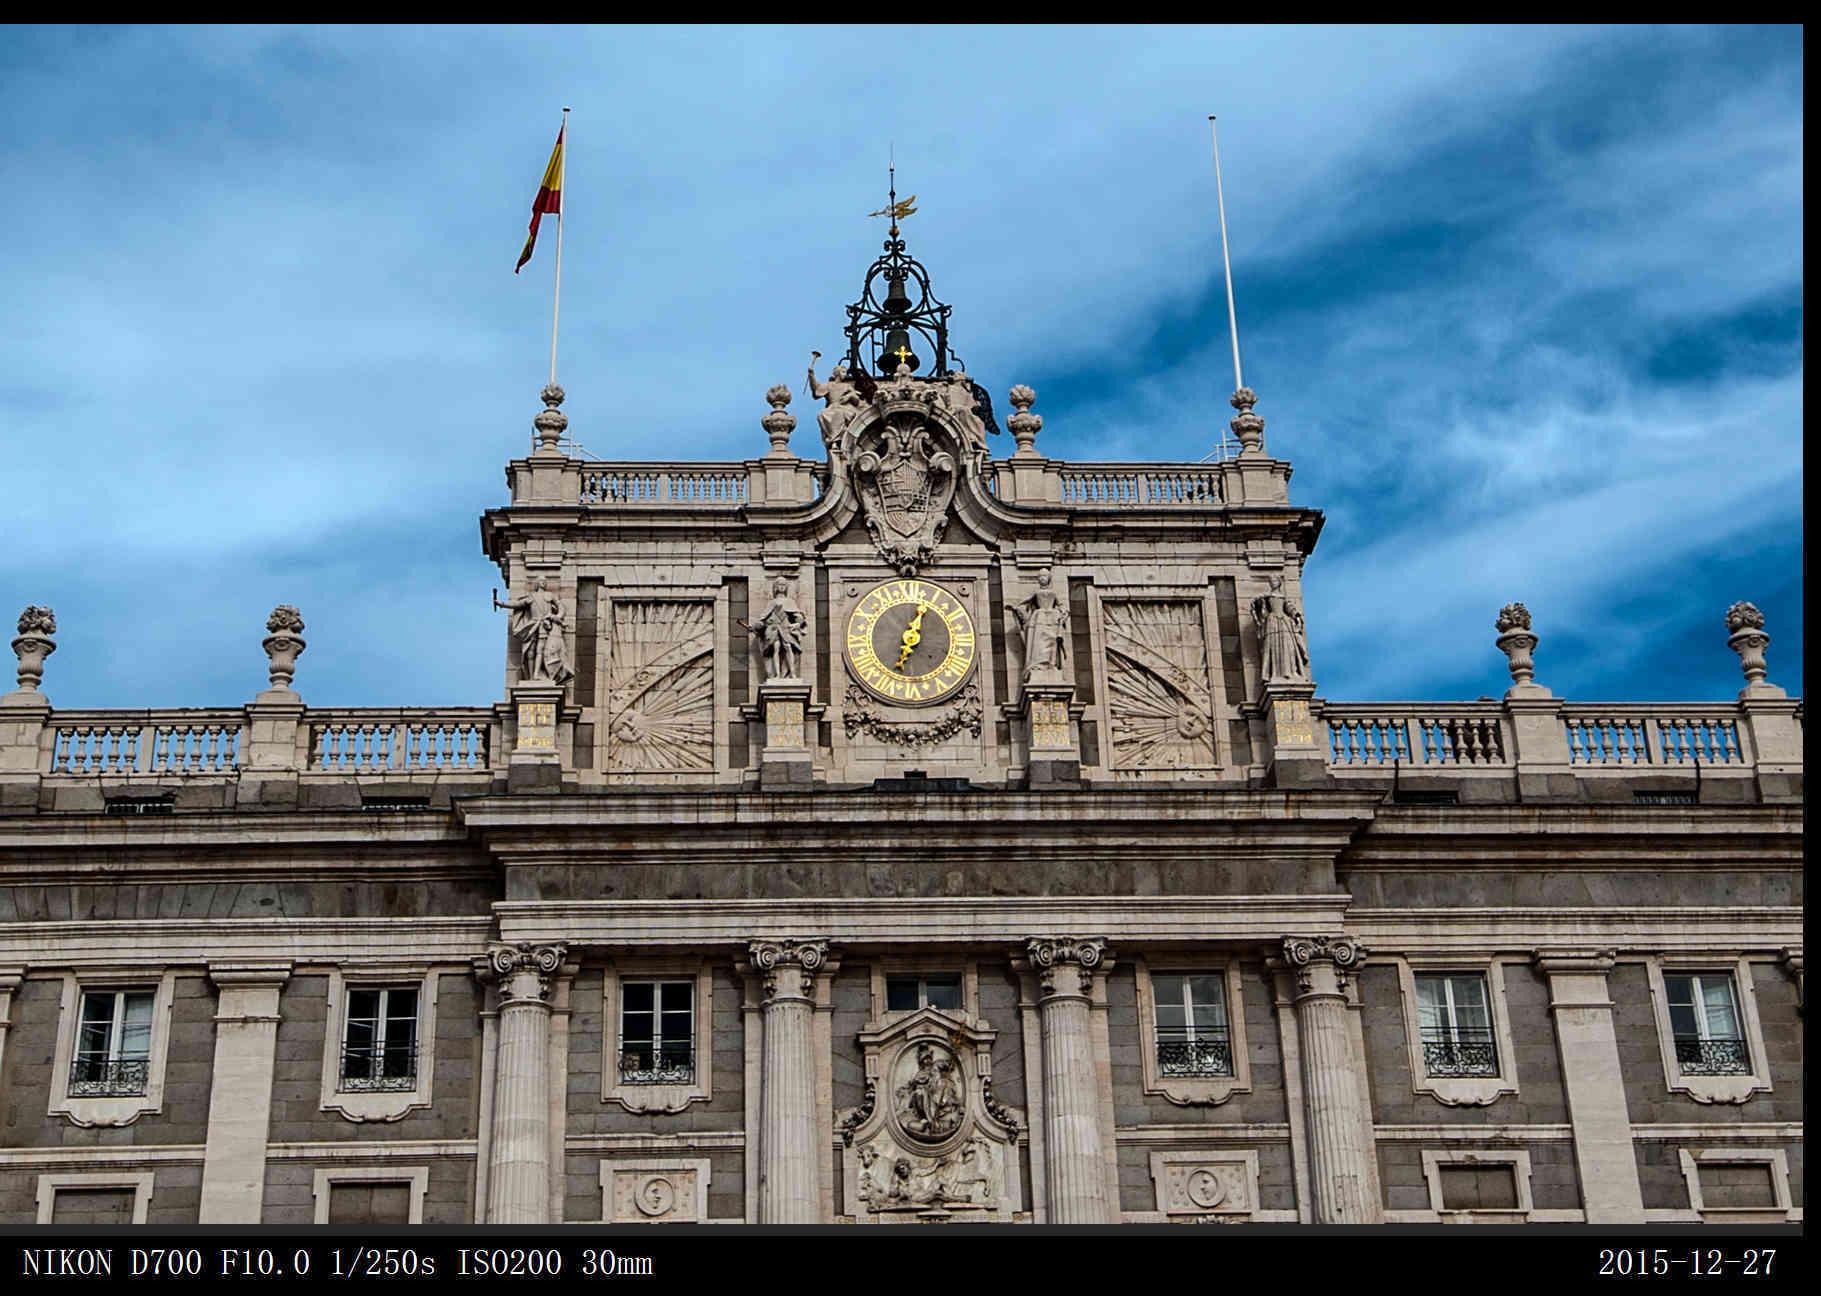 皇宫外观呈正方形结构,气势恢宏,宫内装饰富丽堂皇,尤其是它的顶部